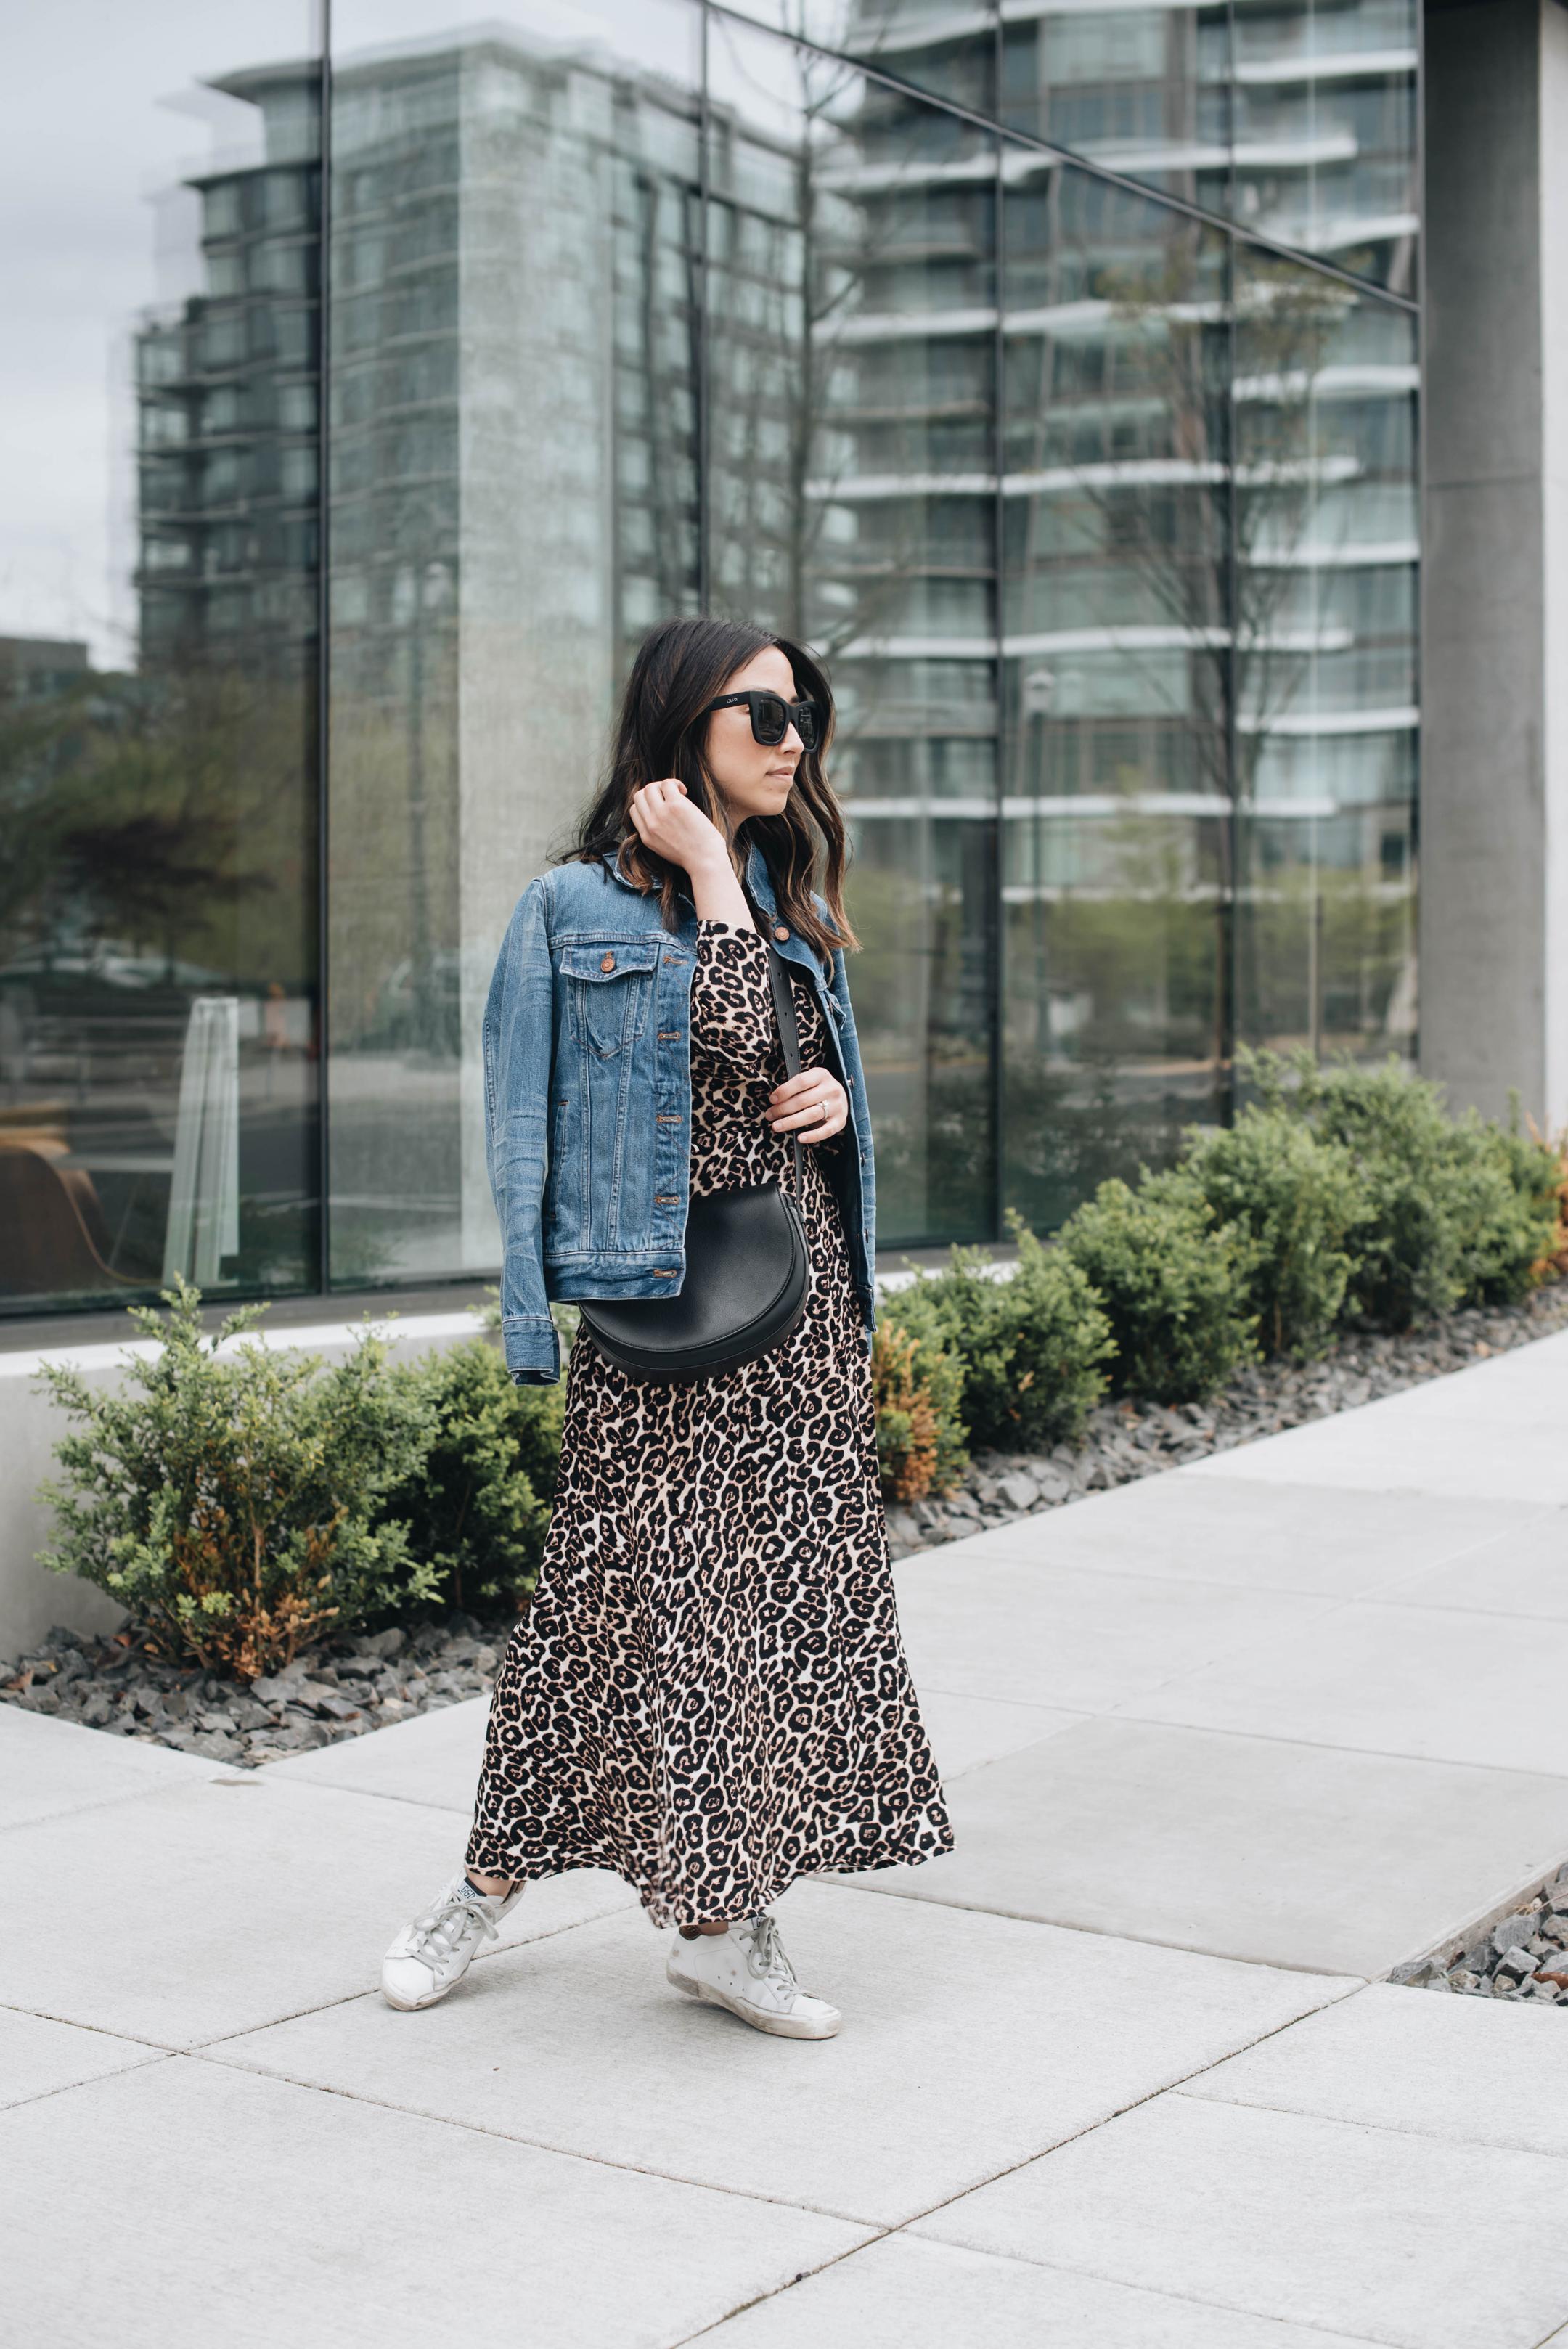 Leopard wrap dress 2 ways